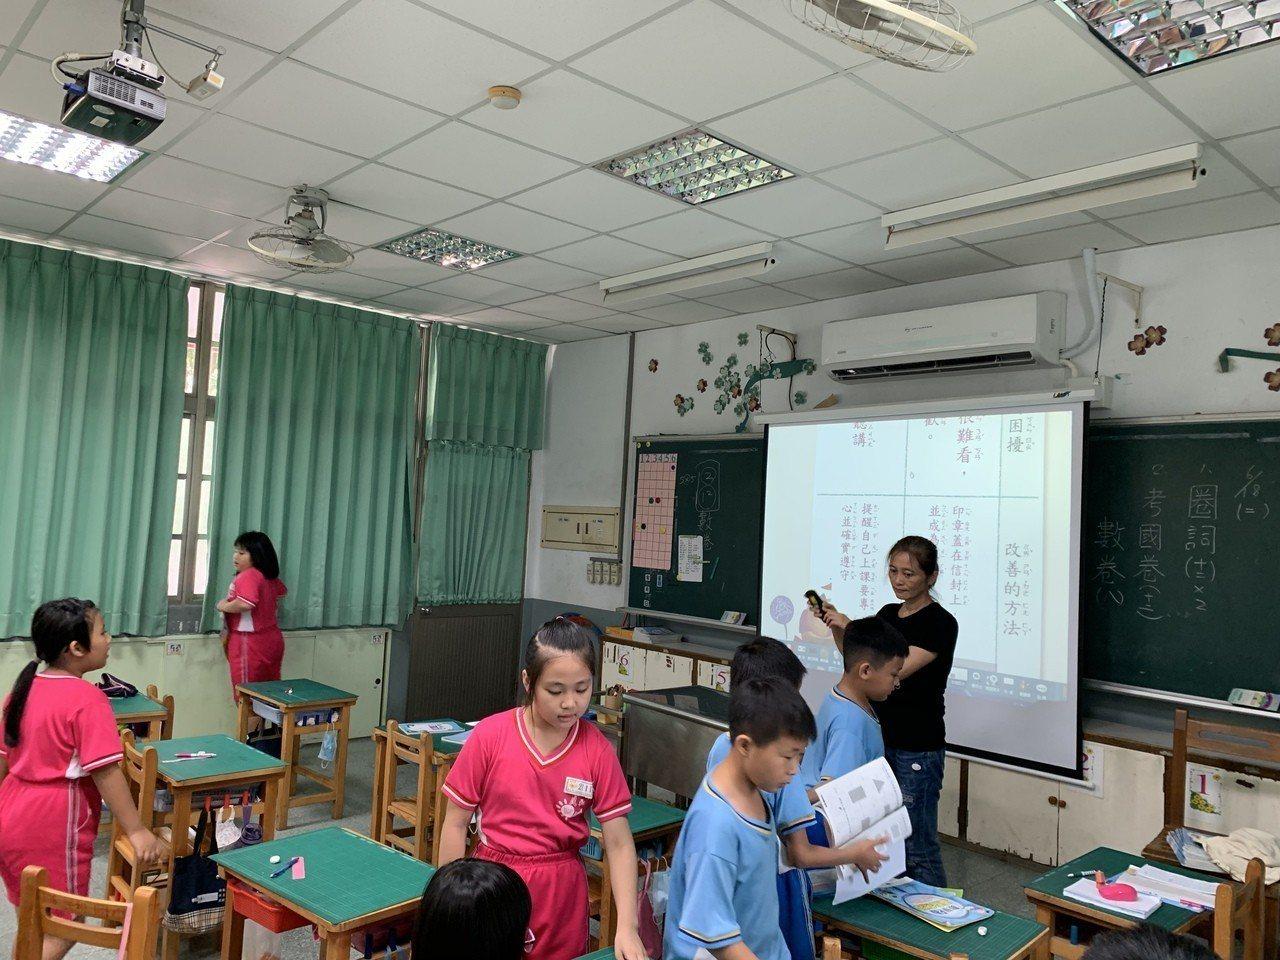 屏東市民和國小去年起班班有冷氣,師生都覺得舒適許多。記者翁禎霞/攝影